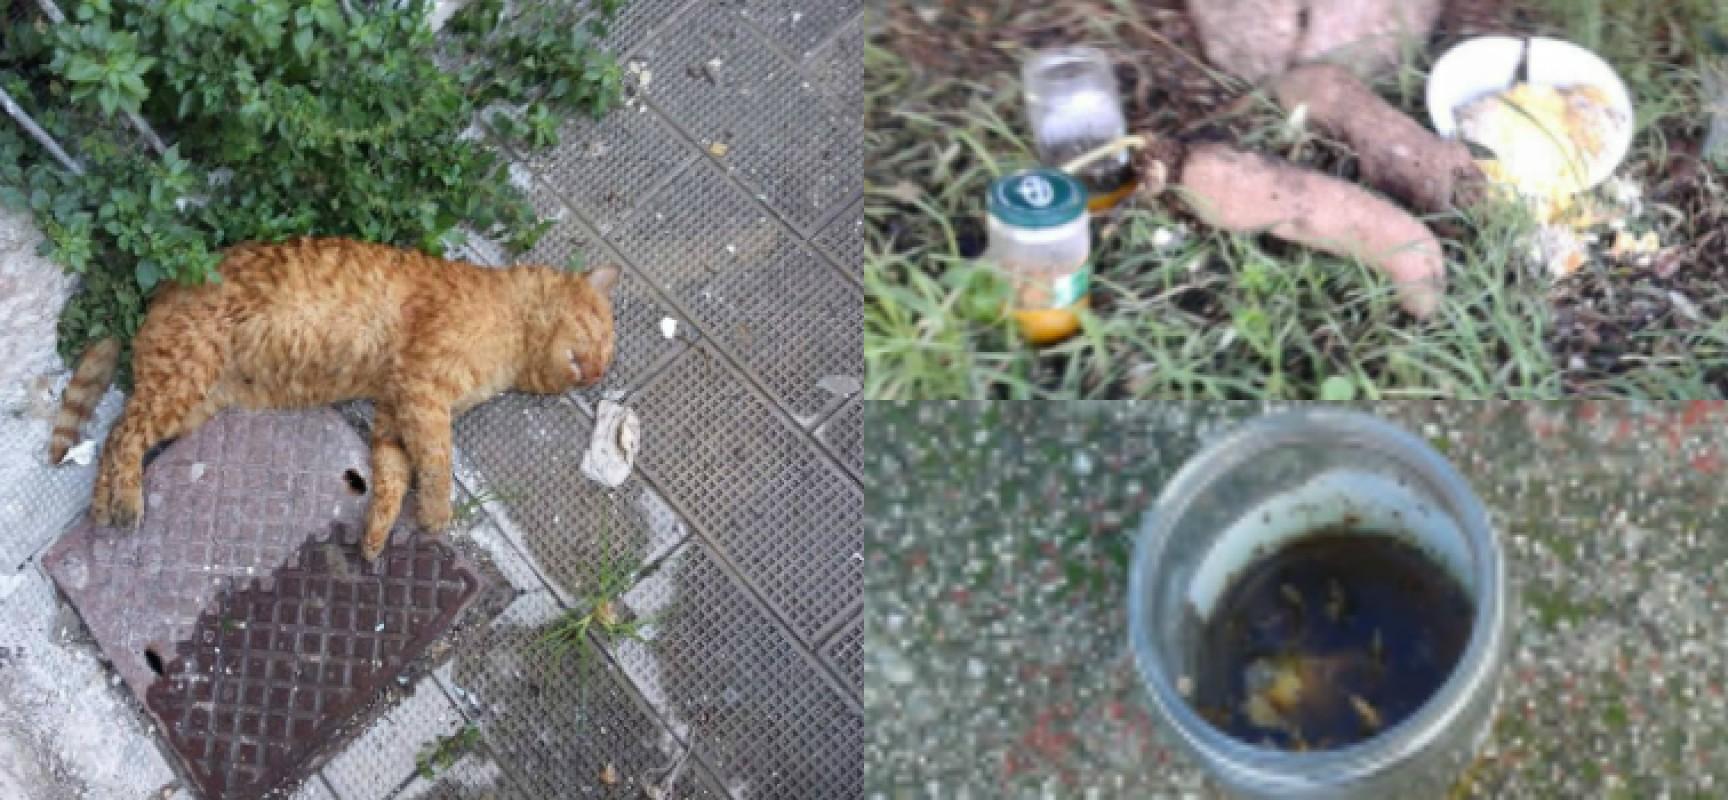 """Esche avvelenate uccidono diversi gatti, la denuncia dell'associazione """"I Figli di nessuno"""""""